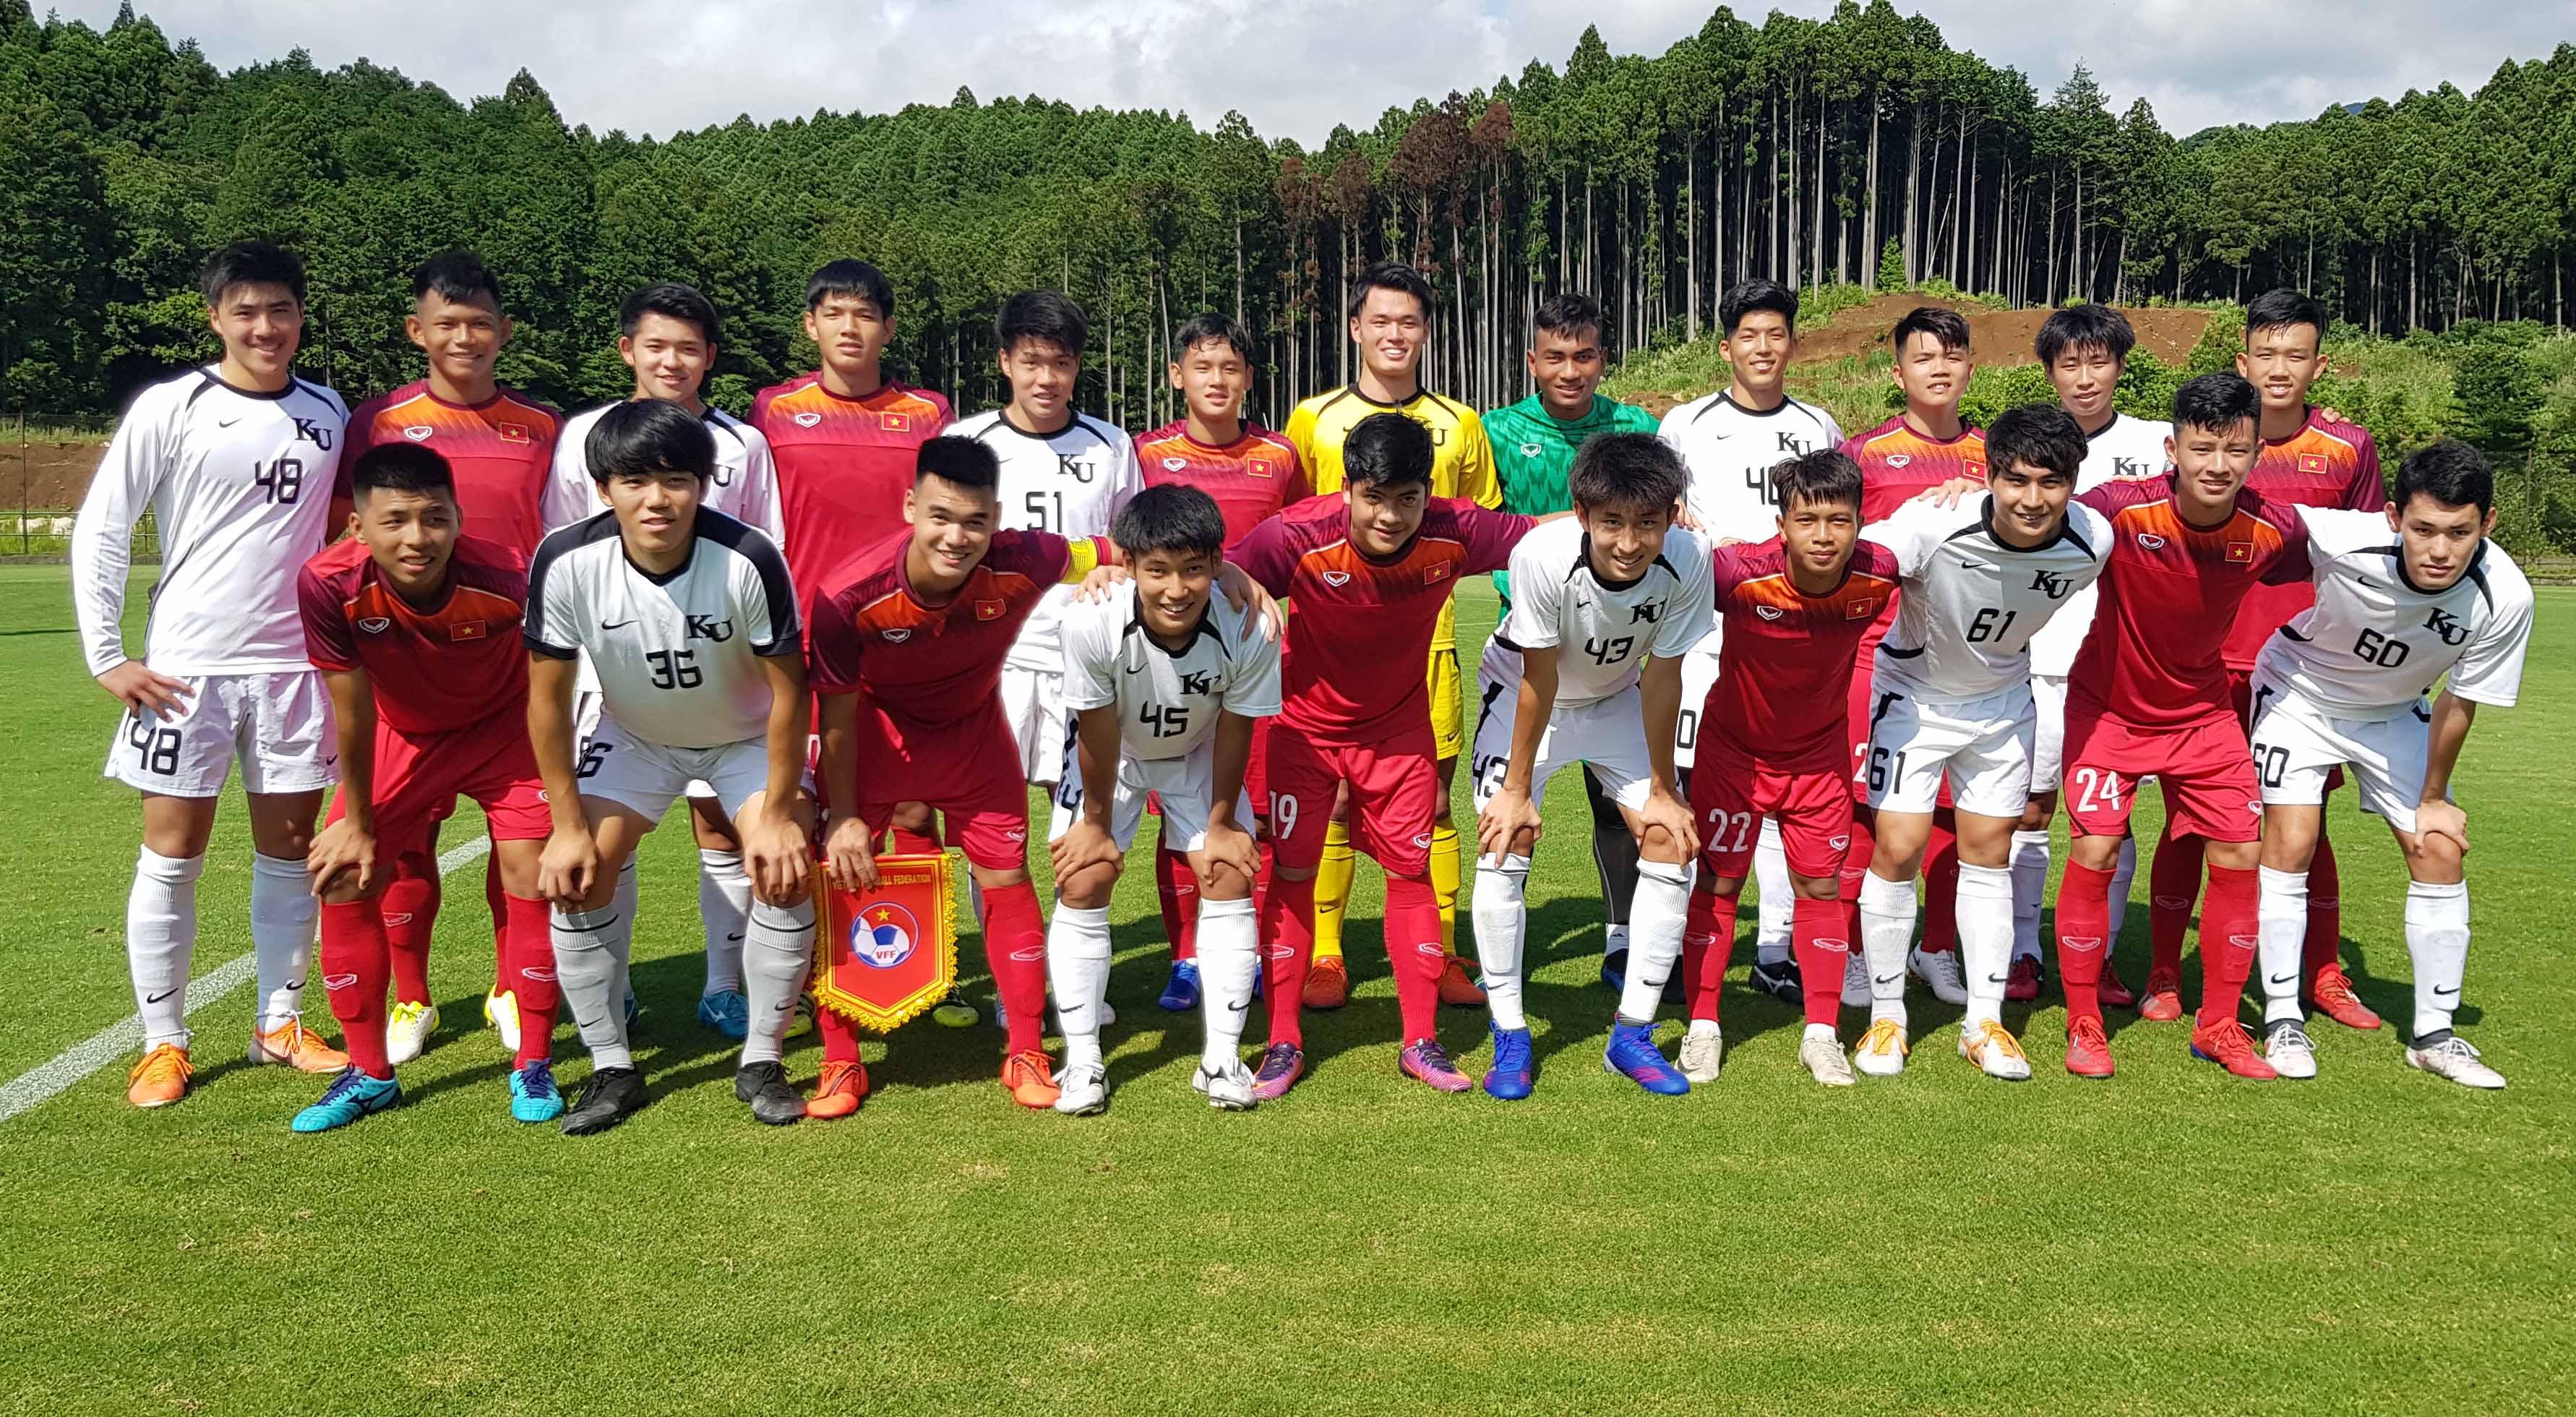 Đấu tập tại Gotemba, U18 Việt Nam vs. Tuyển SV trường Đại học Kanagawa: 1-1